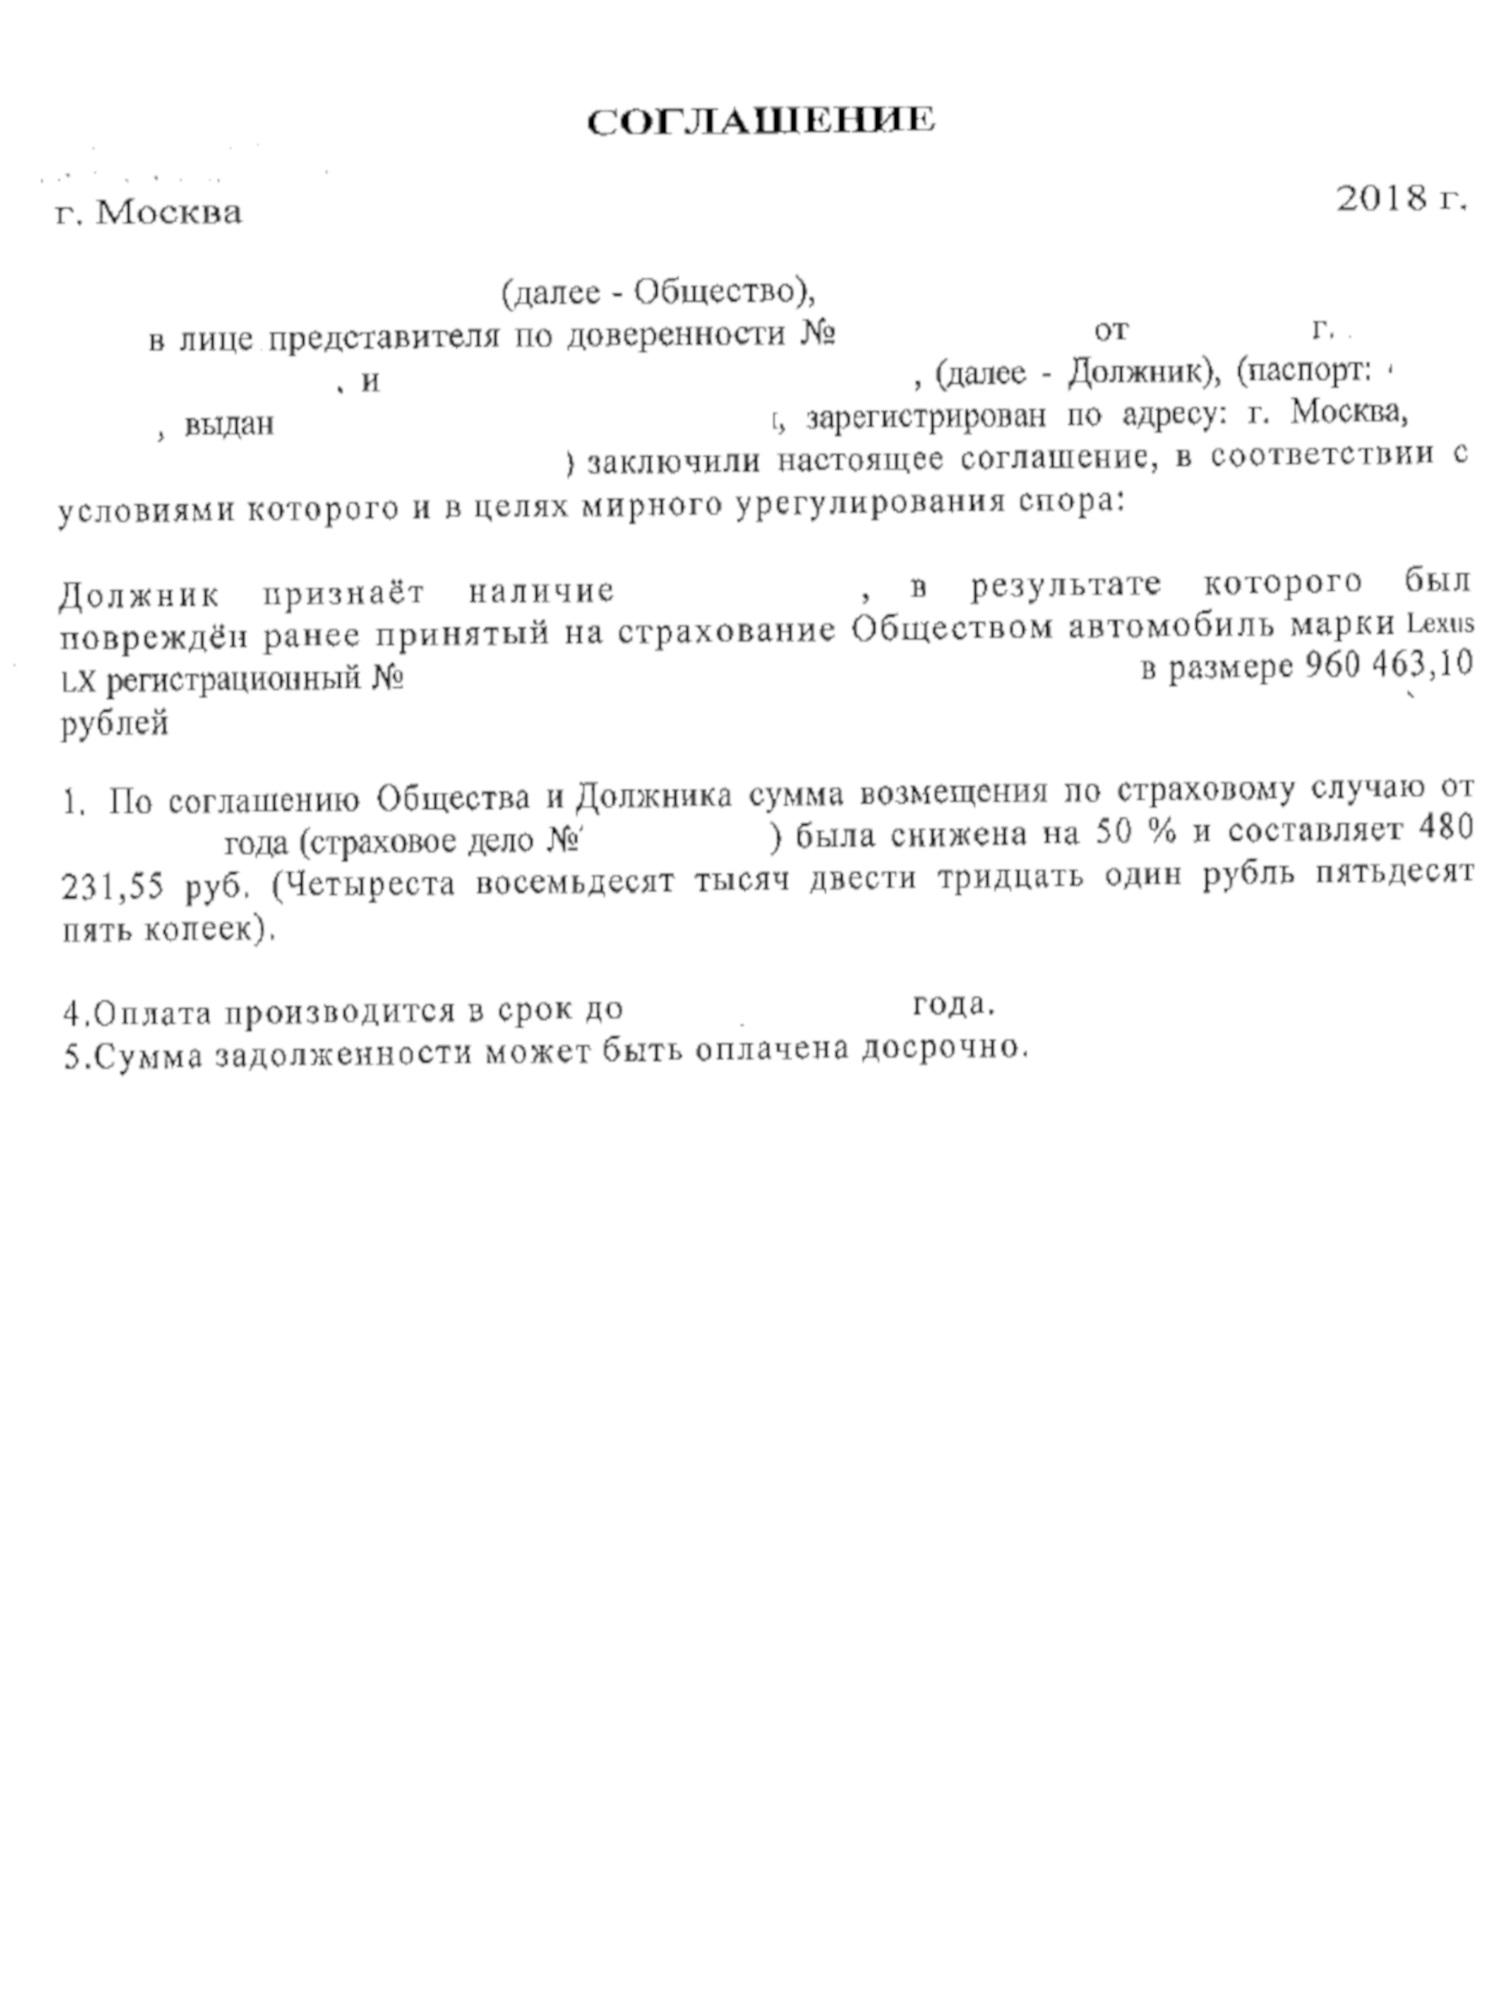 Соглашение о снижении суммы взыскания в порядке суброгации, заключенное в ходе переговоров до обращения в суд